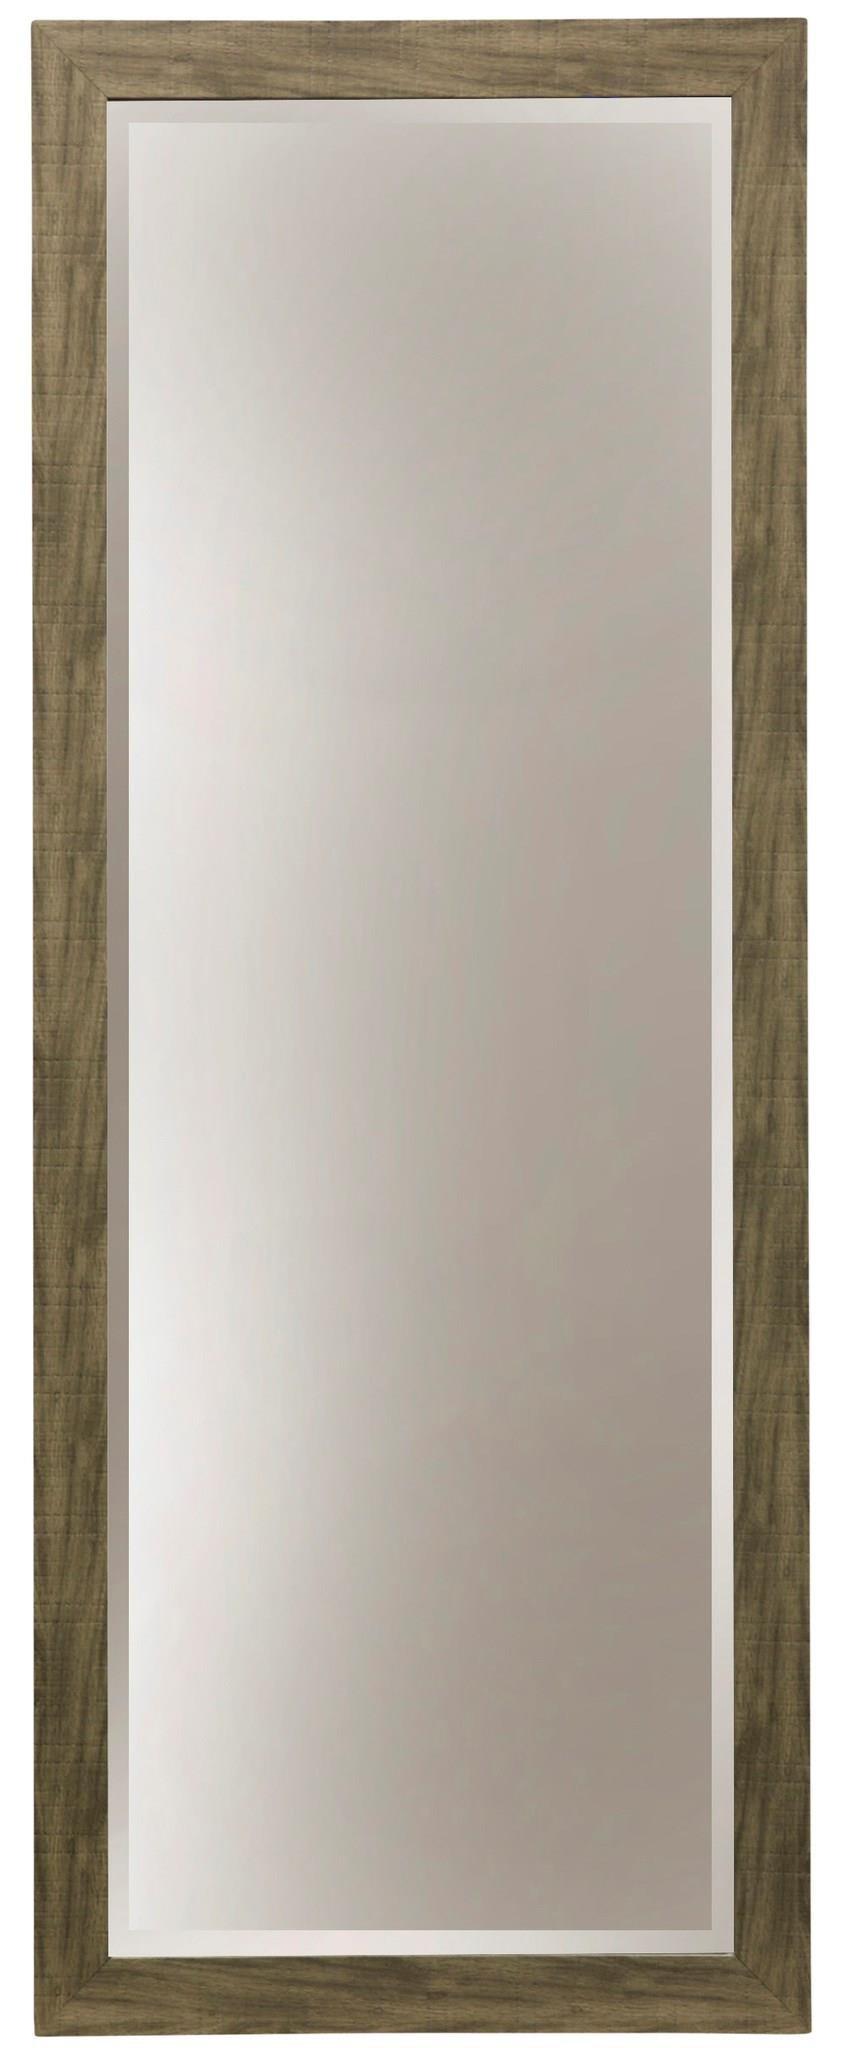 GREY GRAIN WALL MIRROR